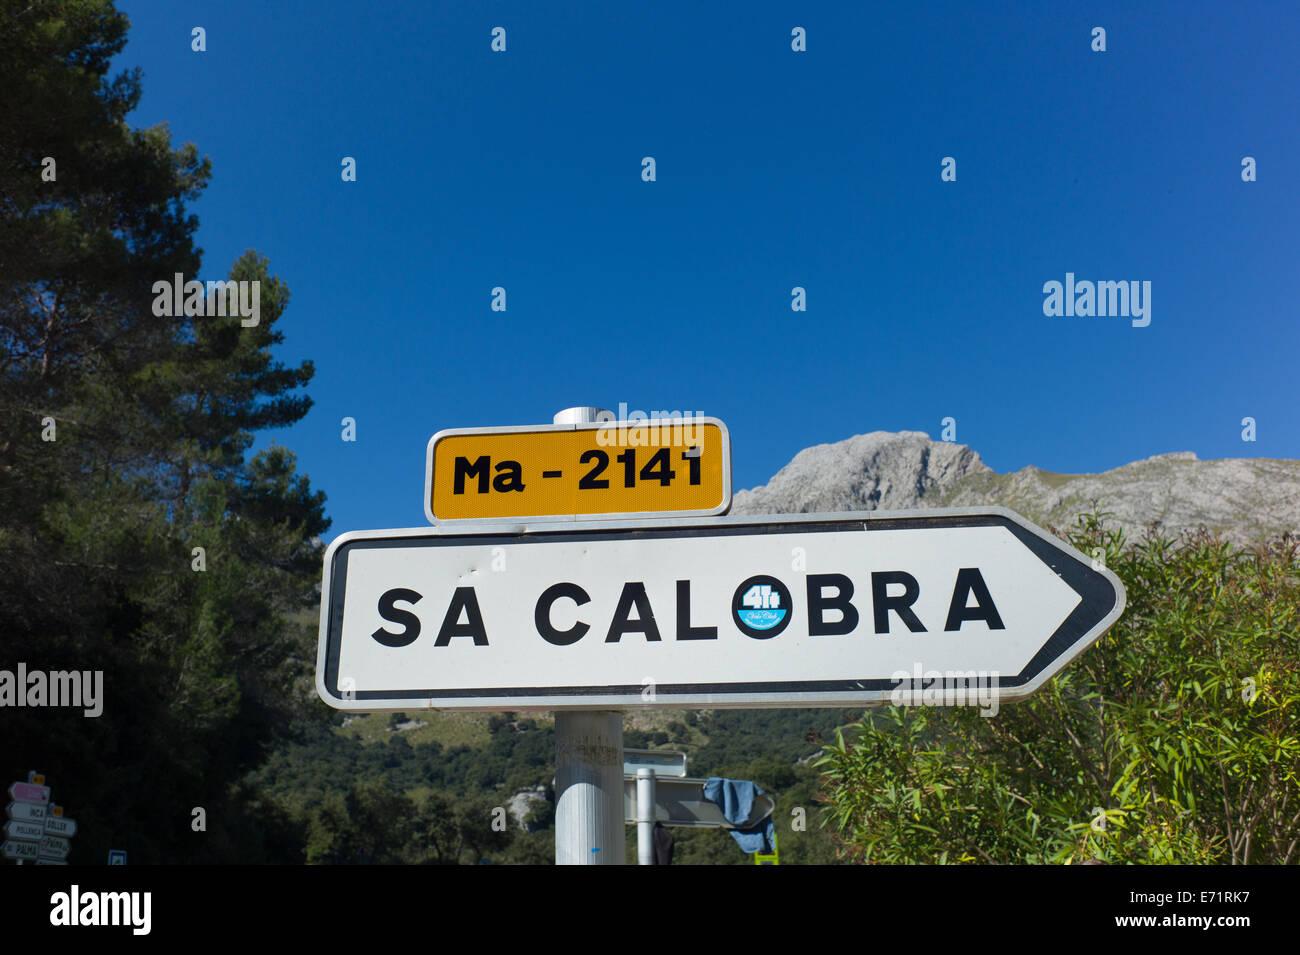 sign post at Sa Calobra, Mallorca - Stock Image